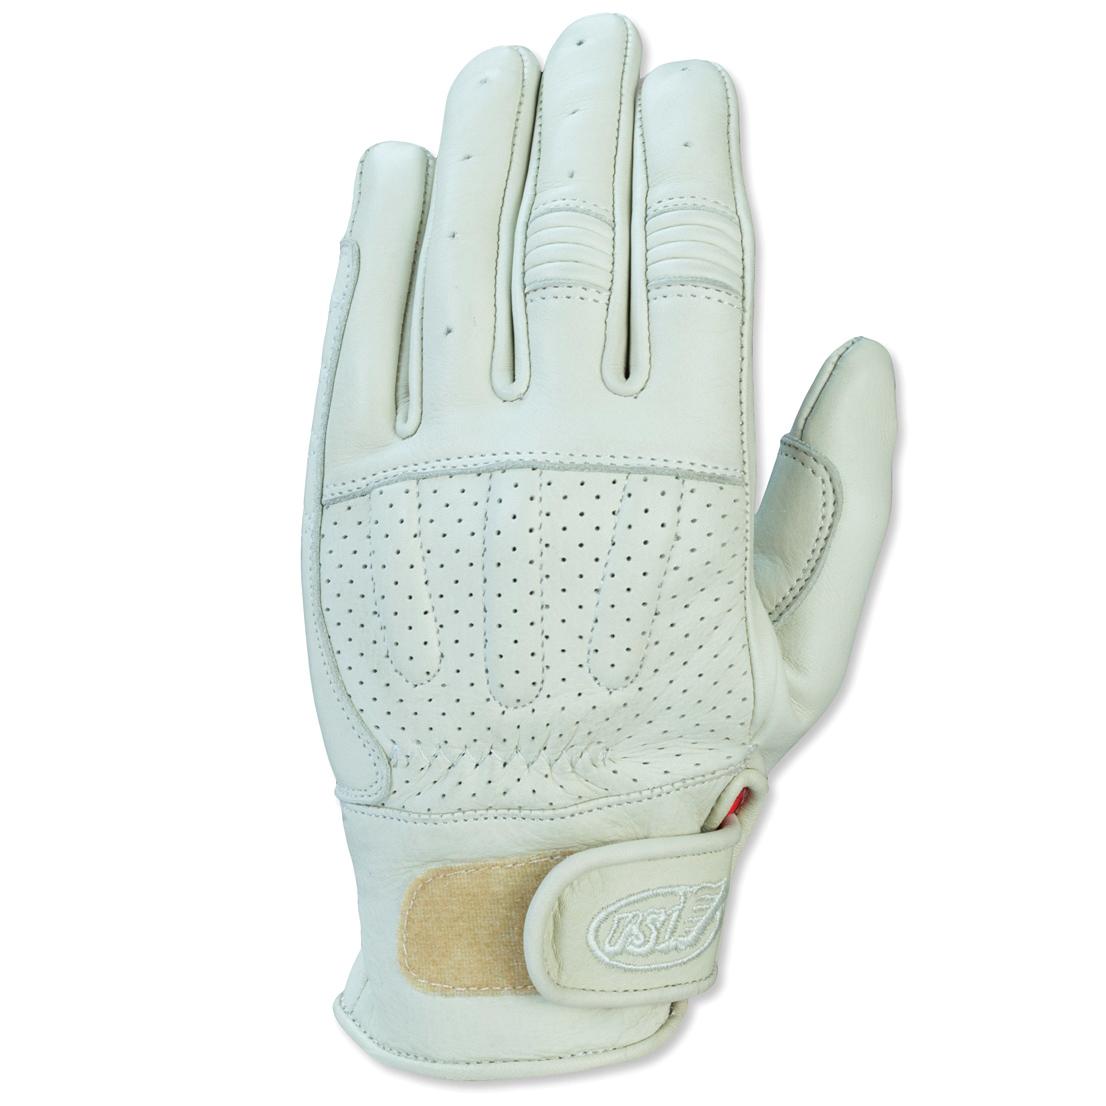 Roland Sands Design Barfly Men's Sand Leather Gloves